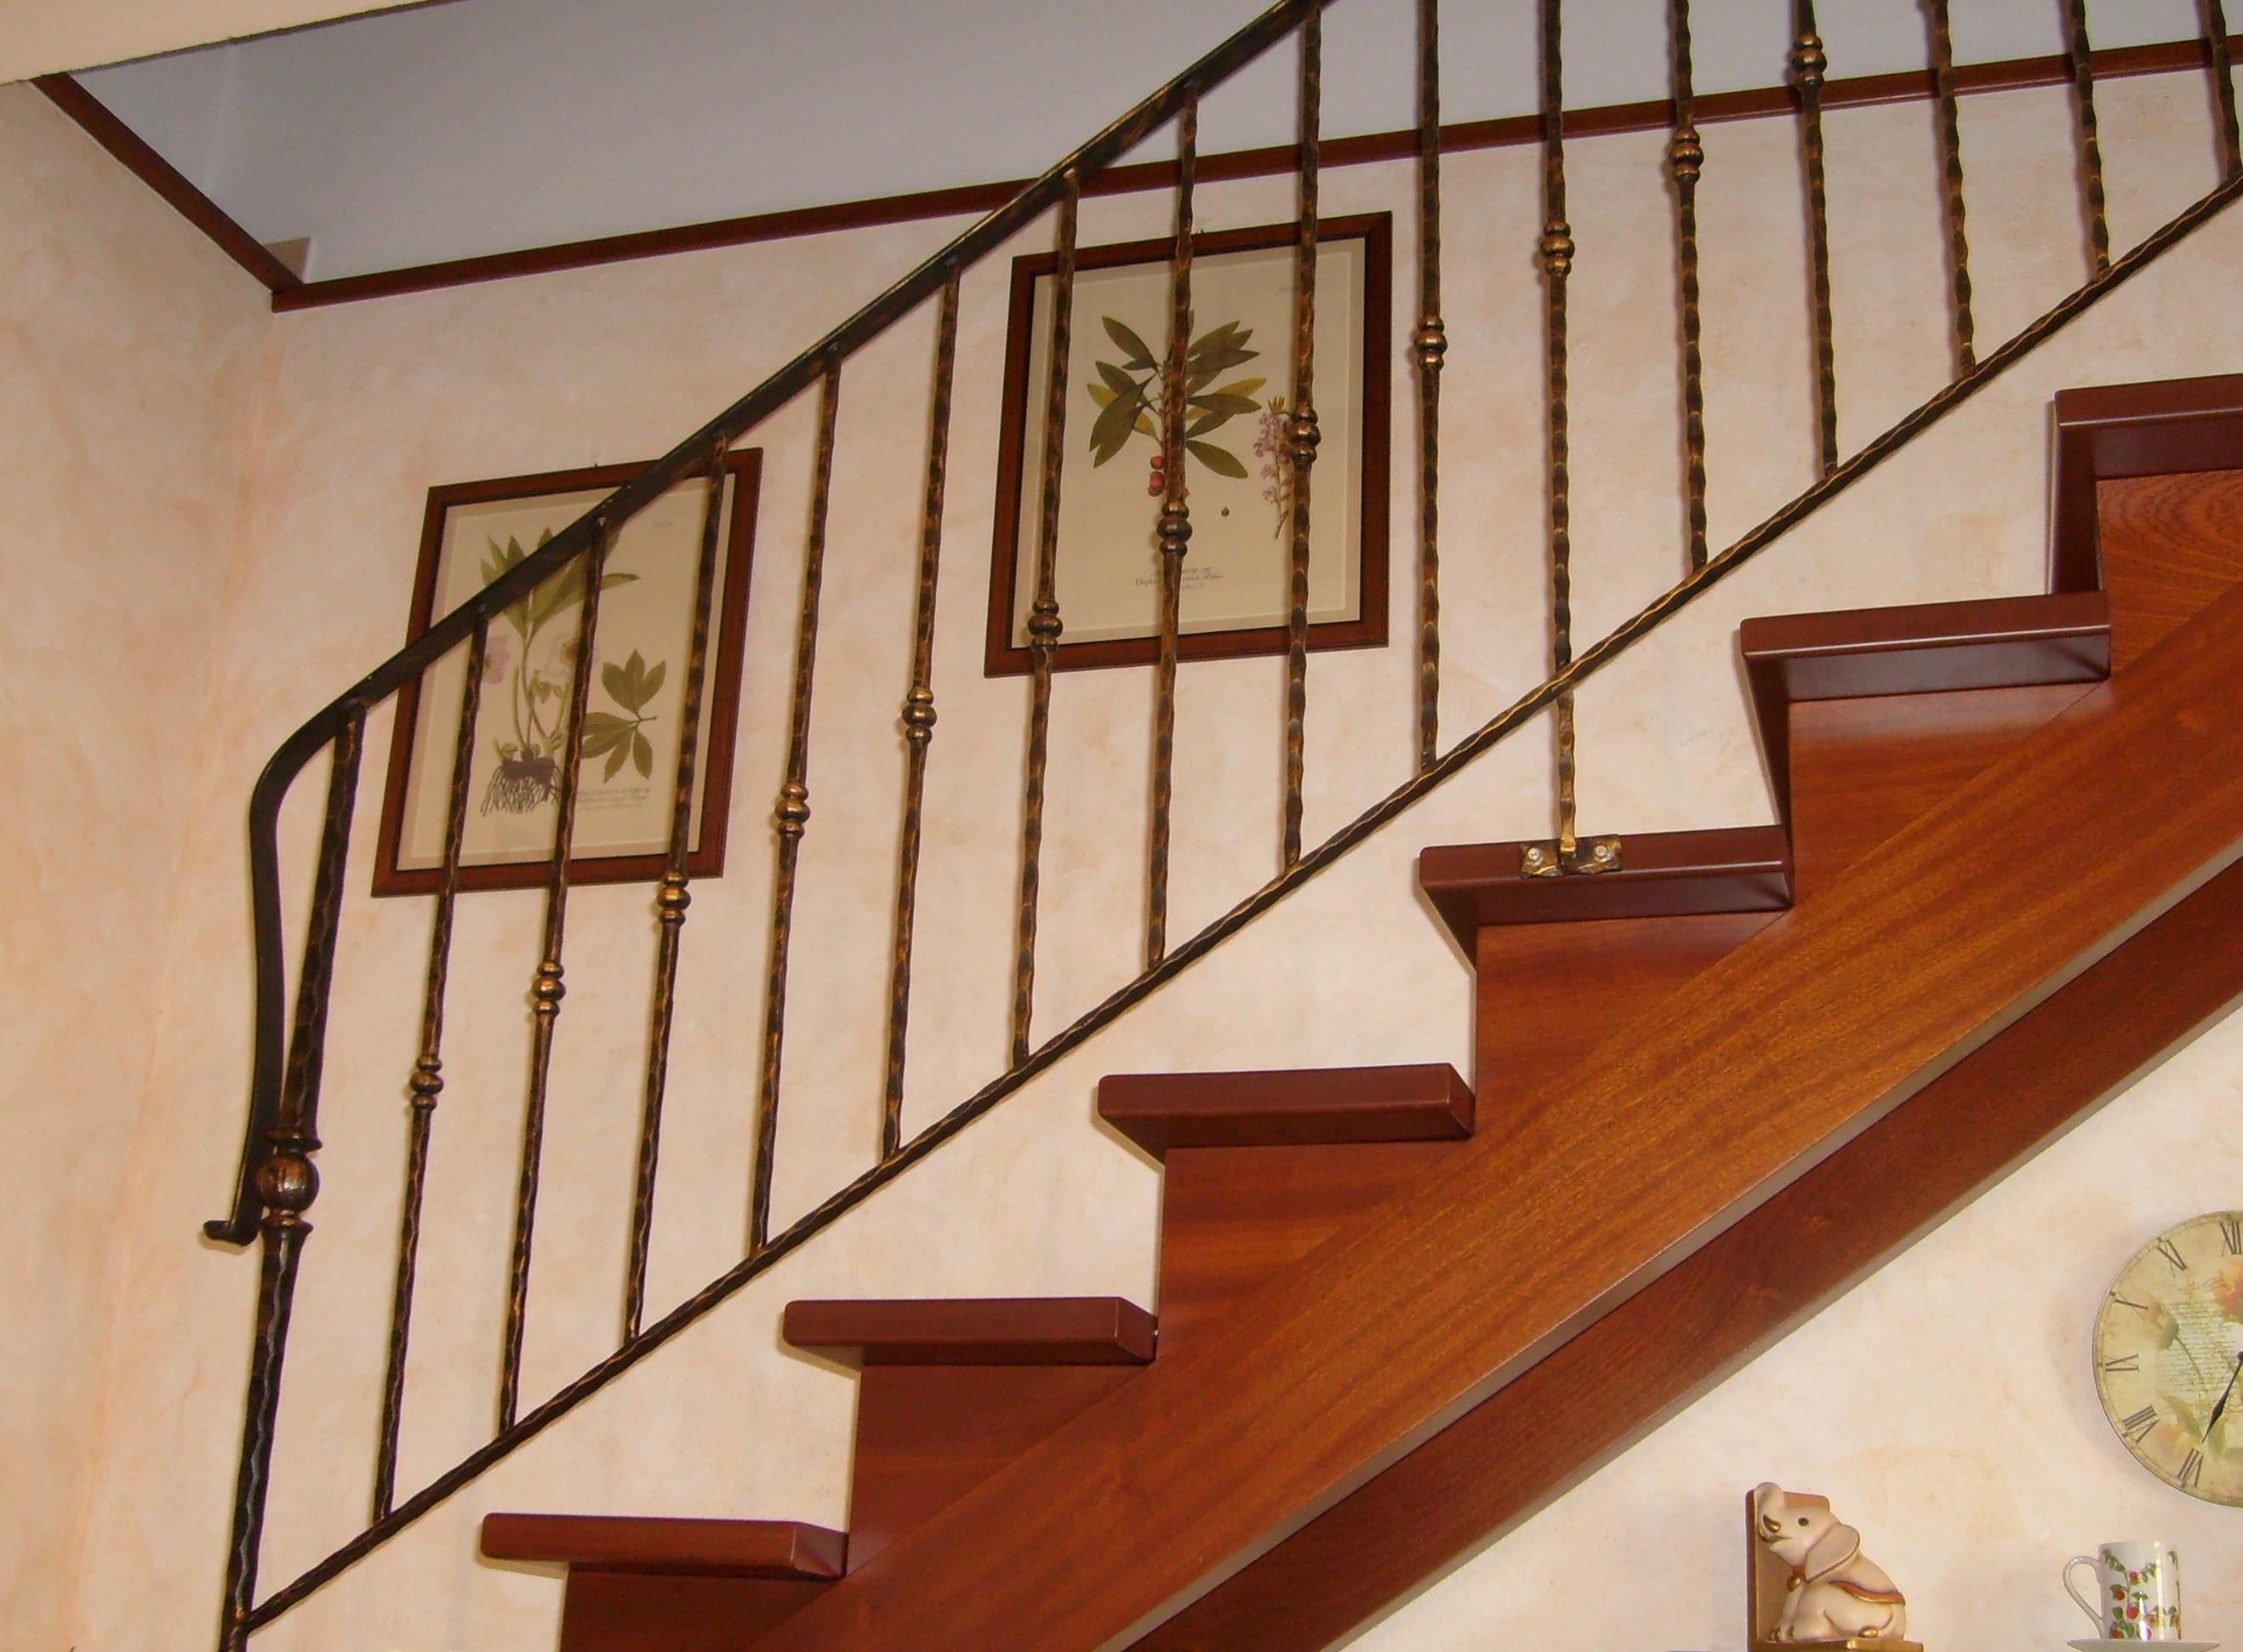 Scala modello a doppia trave in legno massello mogano con ringhiera in ferro battuto